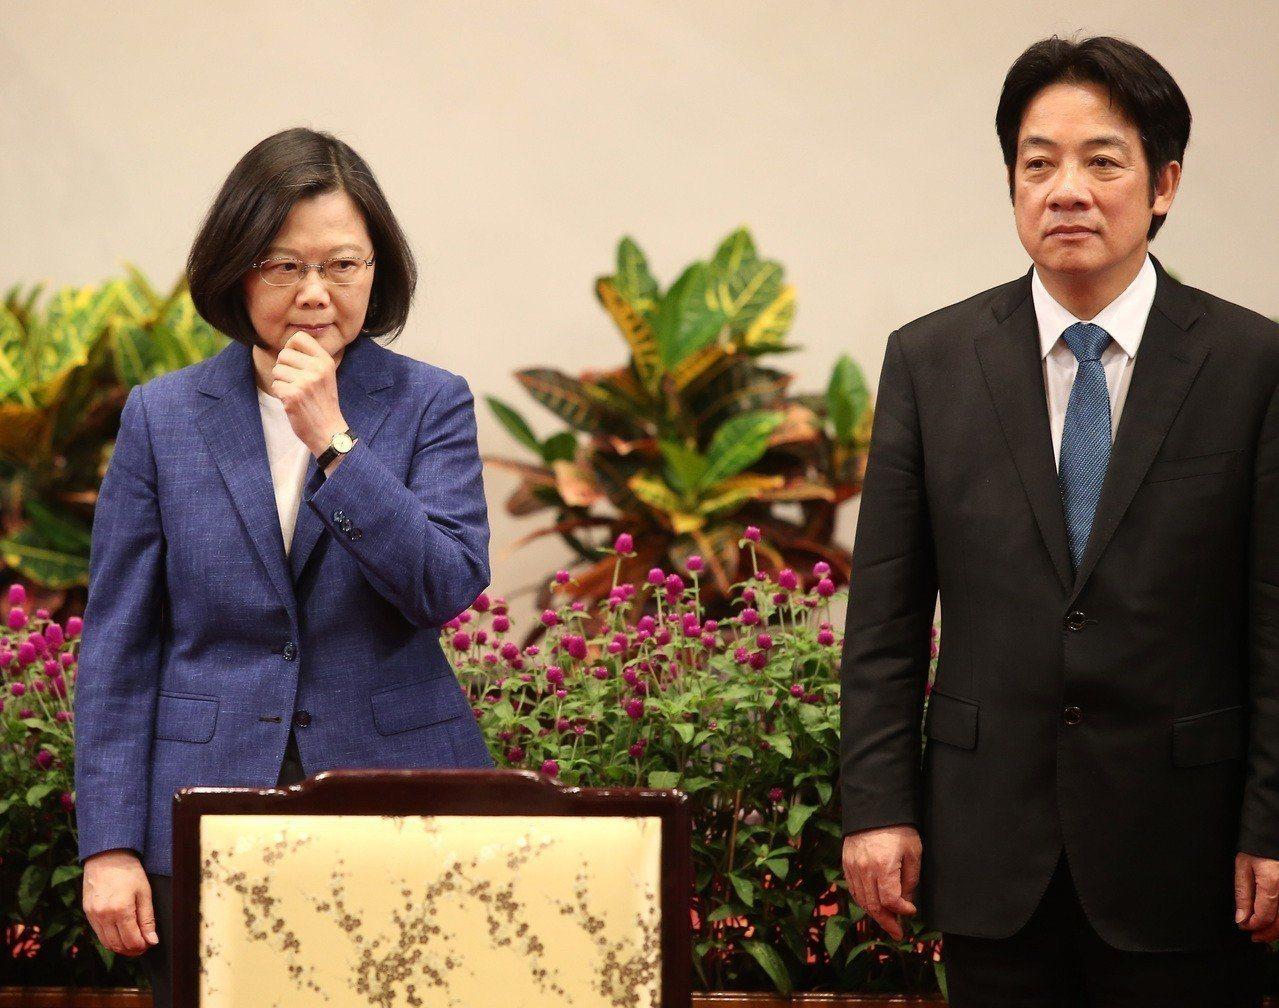 總統府秘書長陳菊昨天再次提到,期待蔡總統(左)與行政院前院長賴清德(右)合作、守...